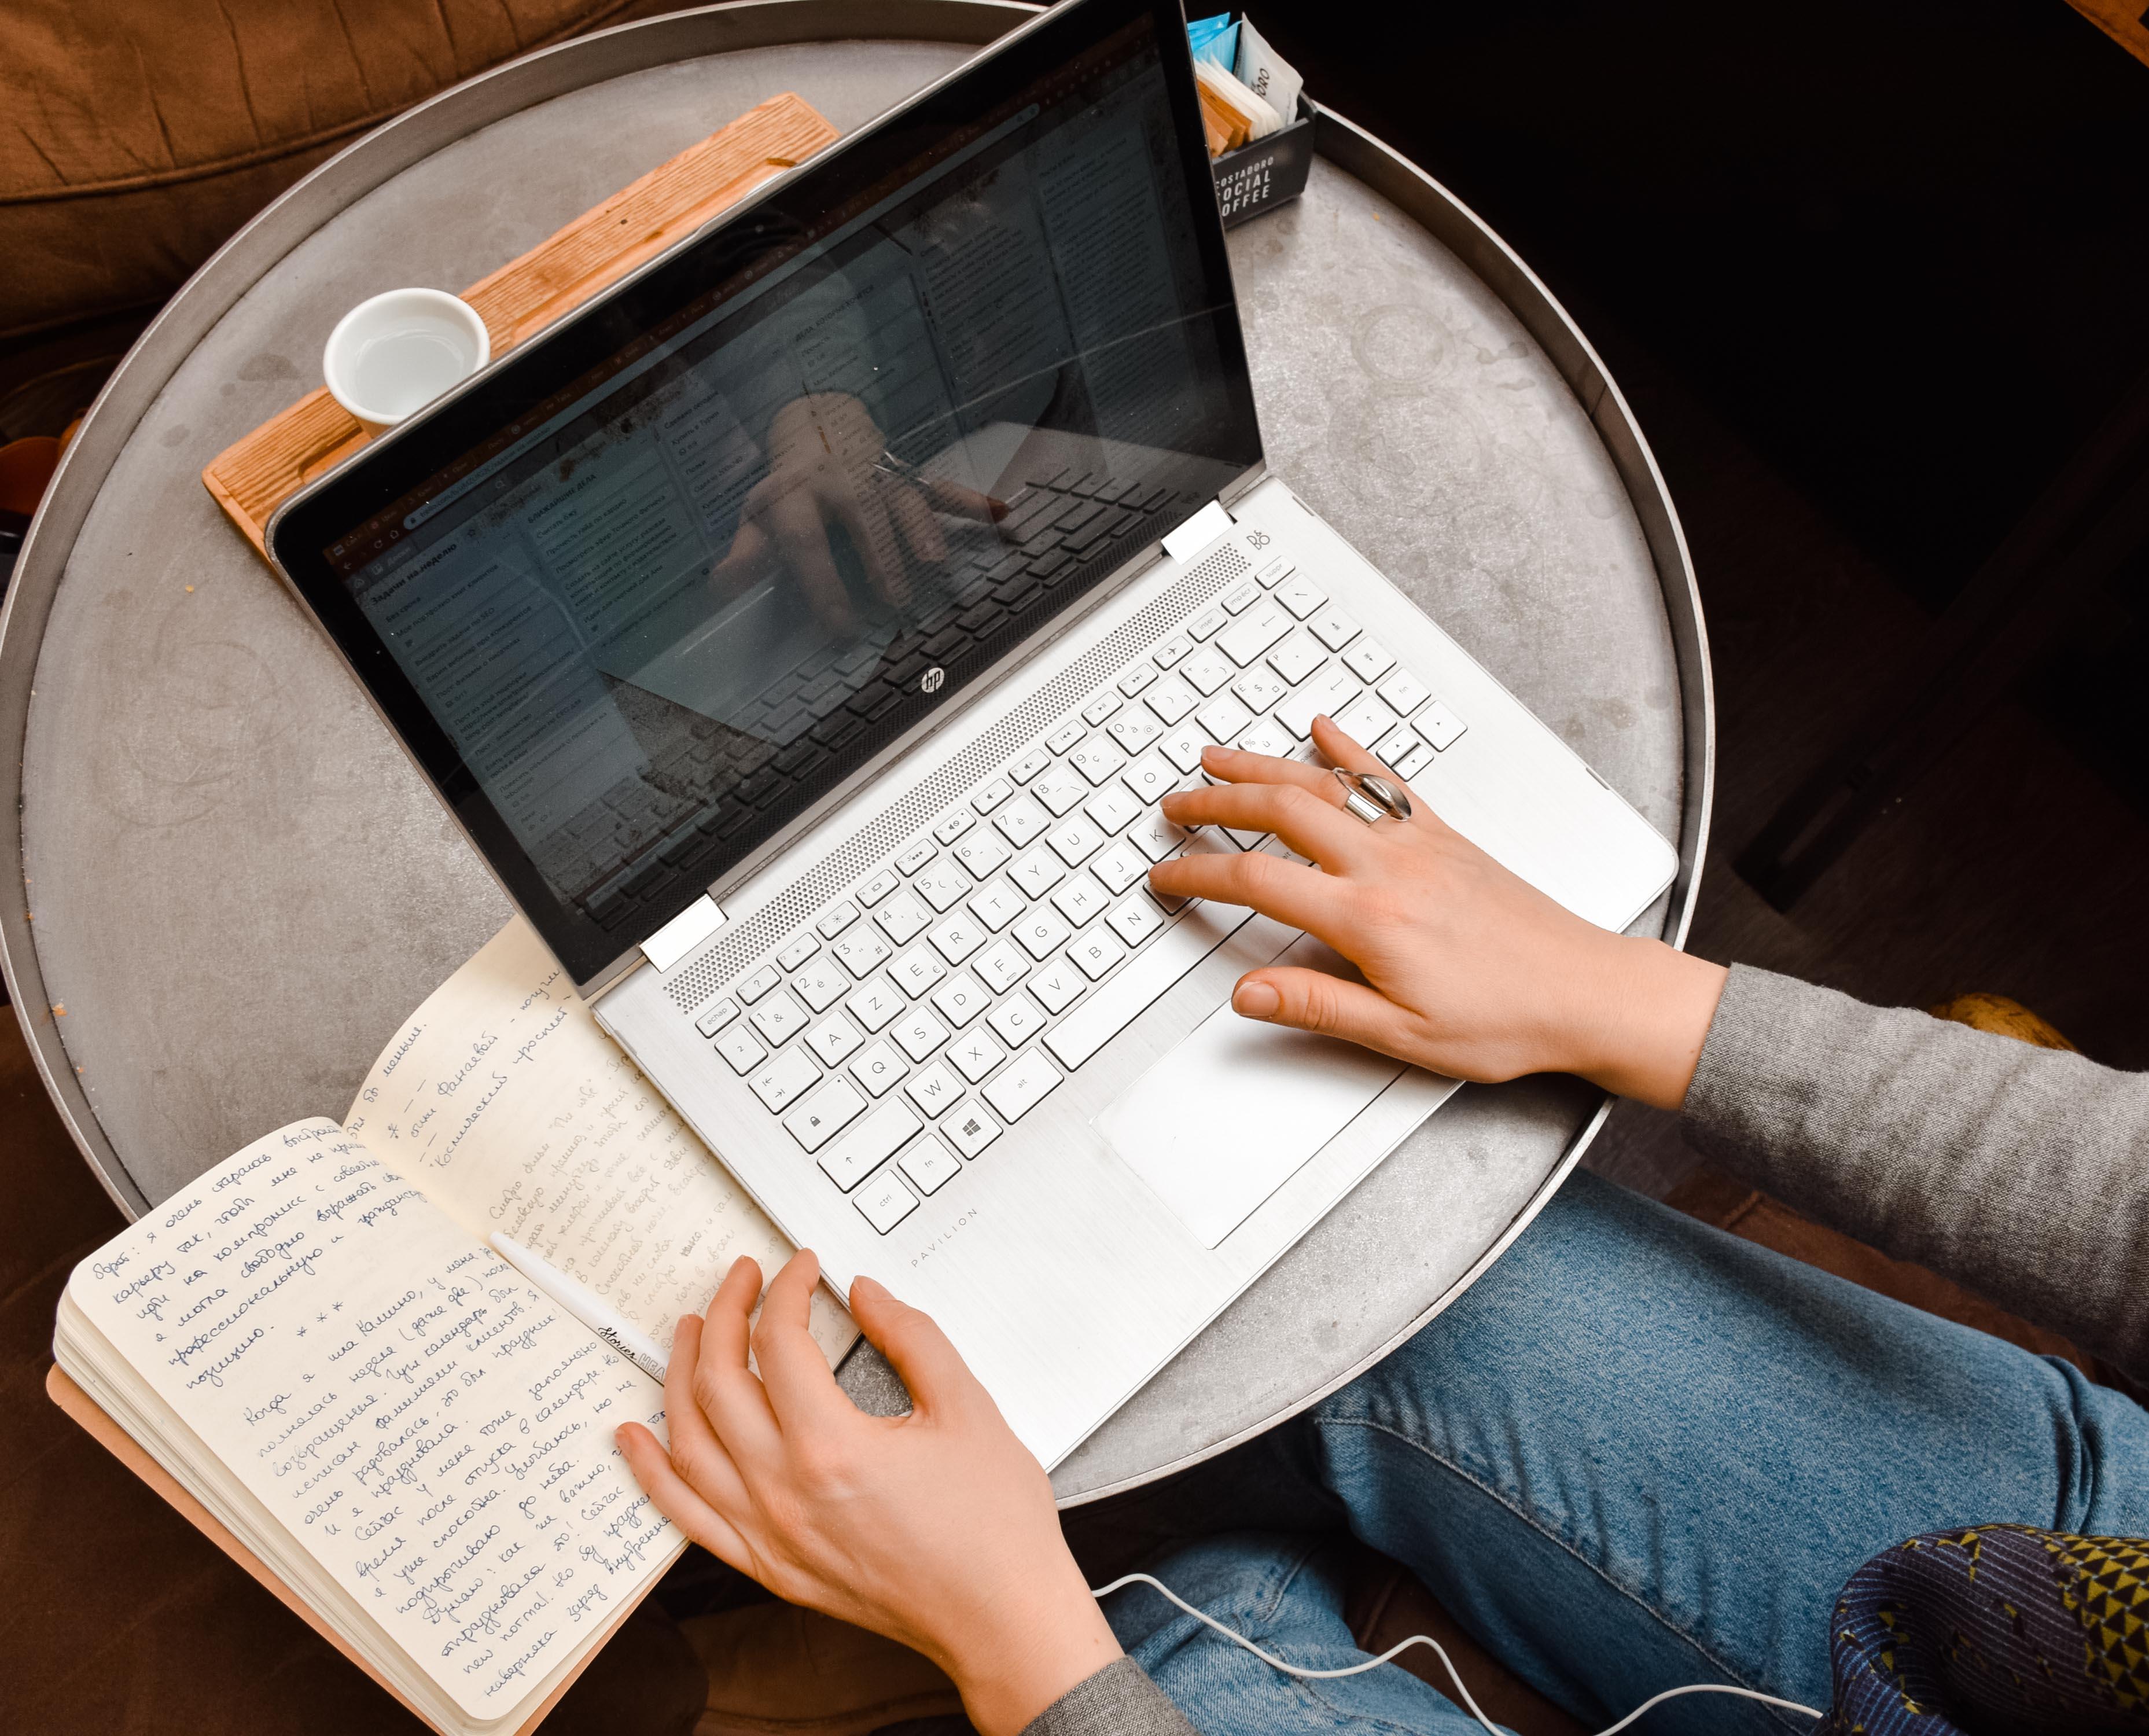 Помогать себе писать интервью Виталины Скворцовой-Охрицкой Екатерине Оаро | Вдохновить на роман